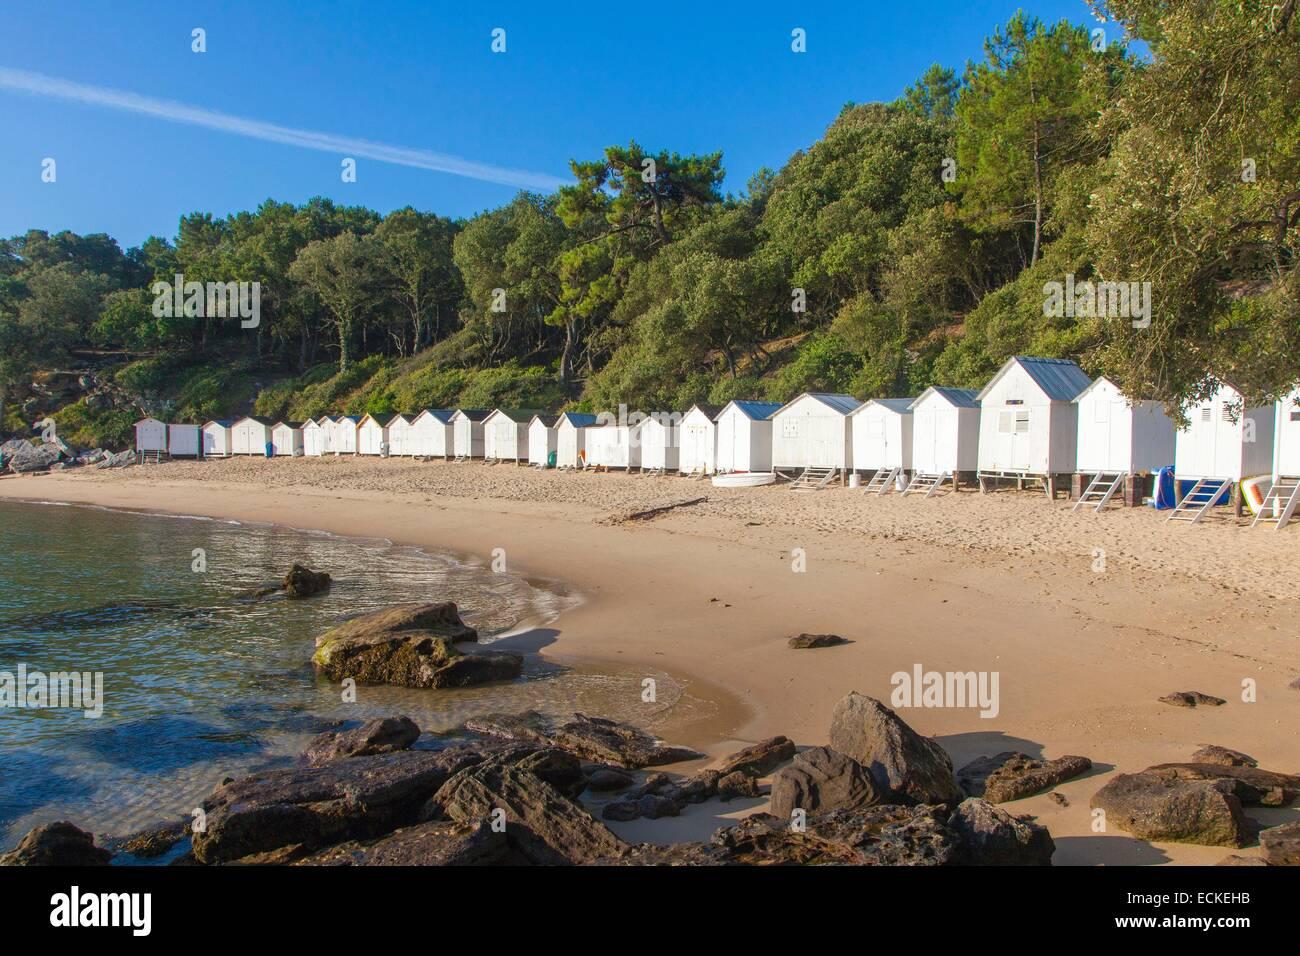 Frankreich Vendee Ile De Noirmoutier Bois La Chaise Strand Anse Rouge Und Hutten